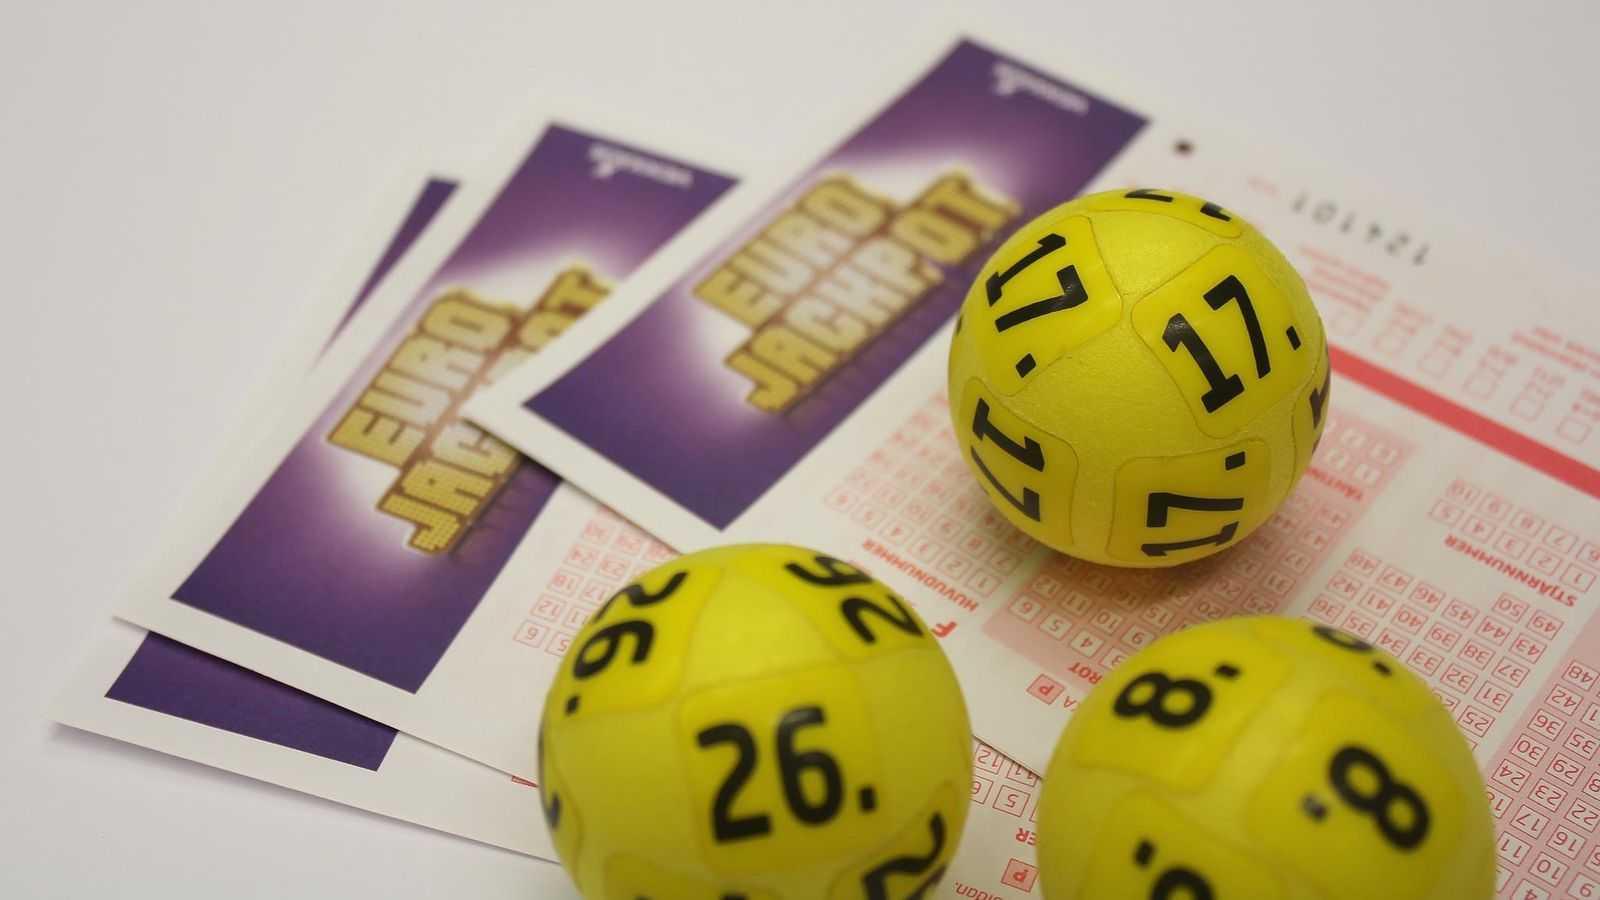 Finland lotteri veikkaus lotto - spilleregler + instruktion: hvordan man spiller fra Rusland | udenlandske lotterier